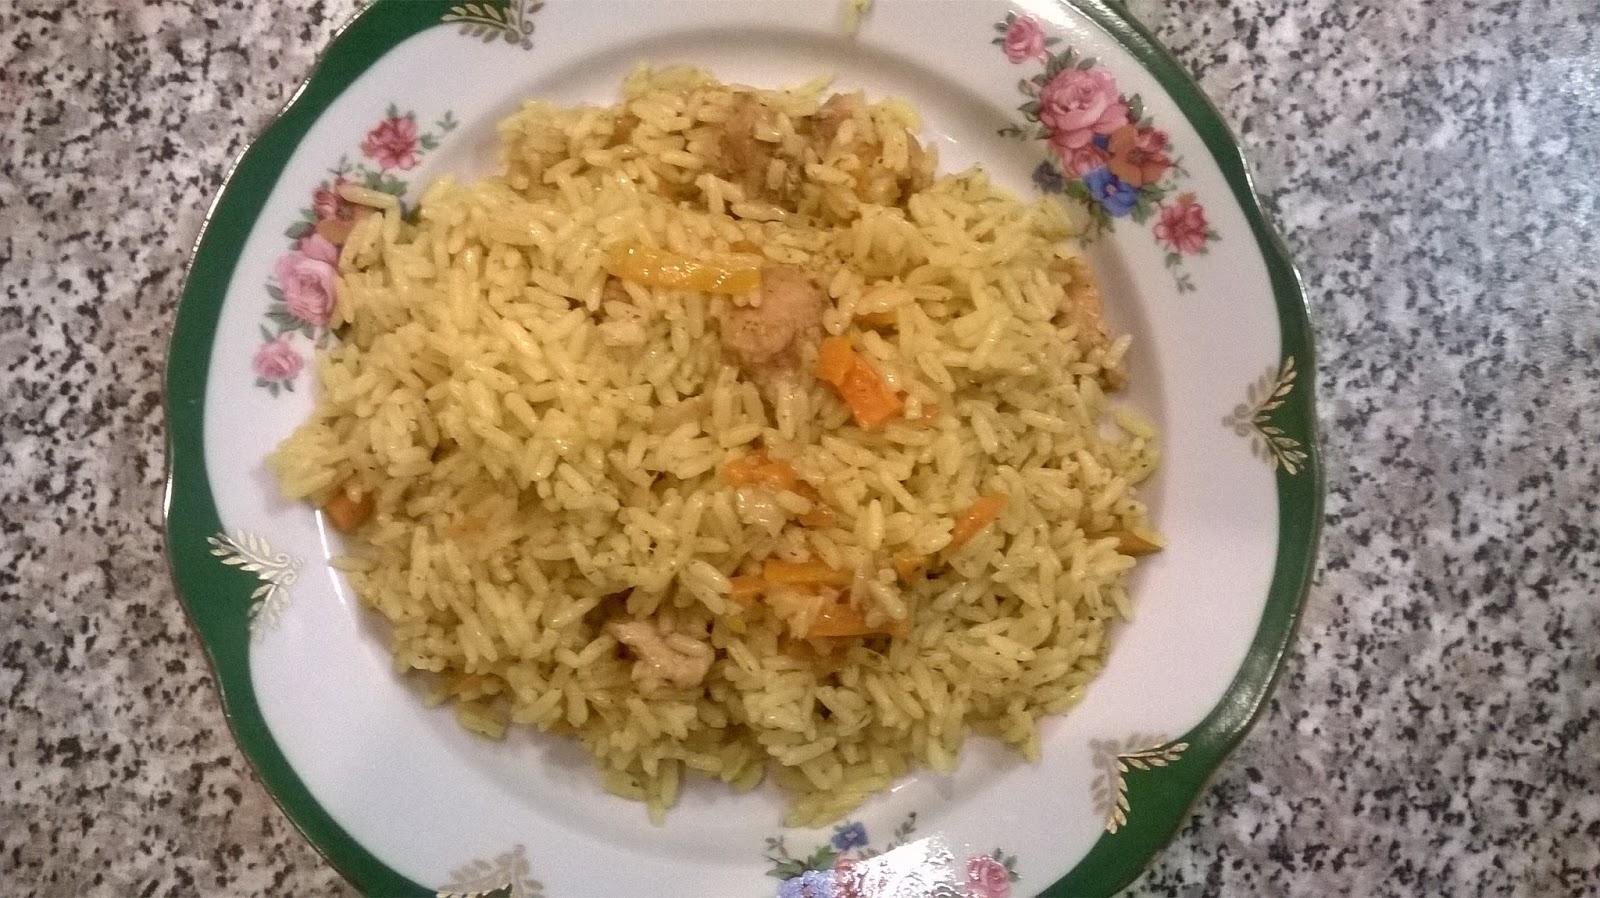 Как приготовить настоящий узбекский плов в домашних условиях 5 вкусных 9